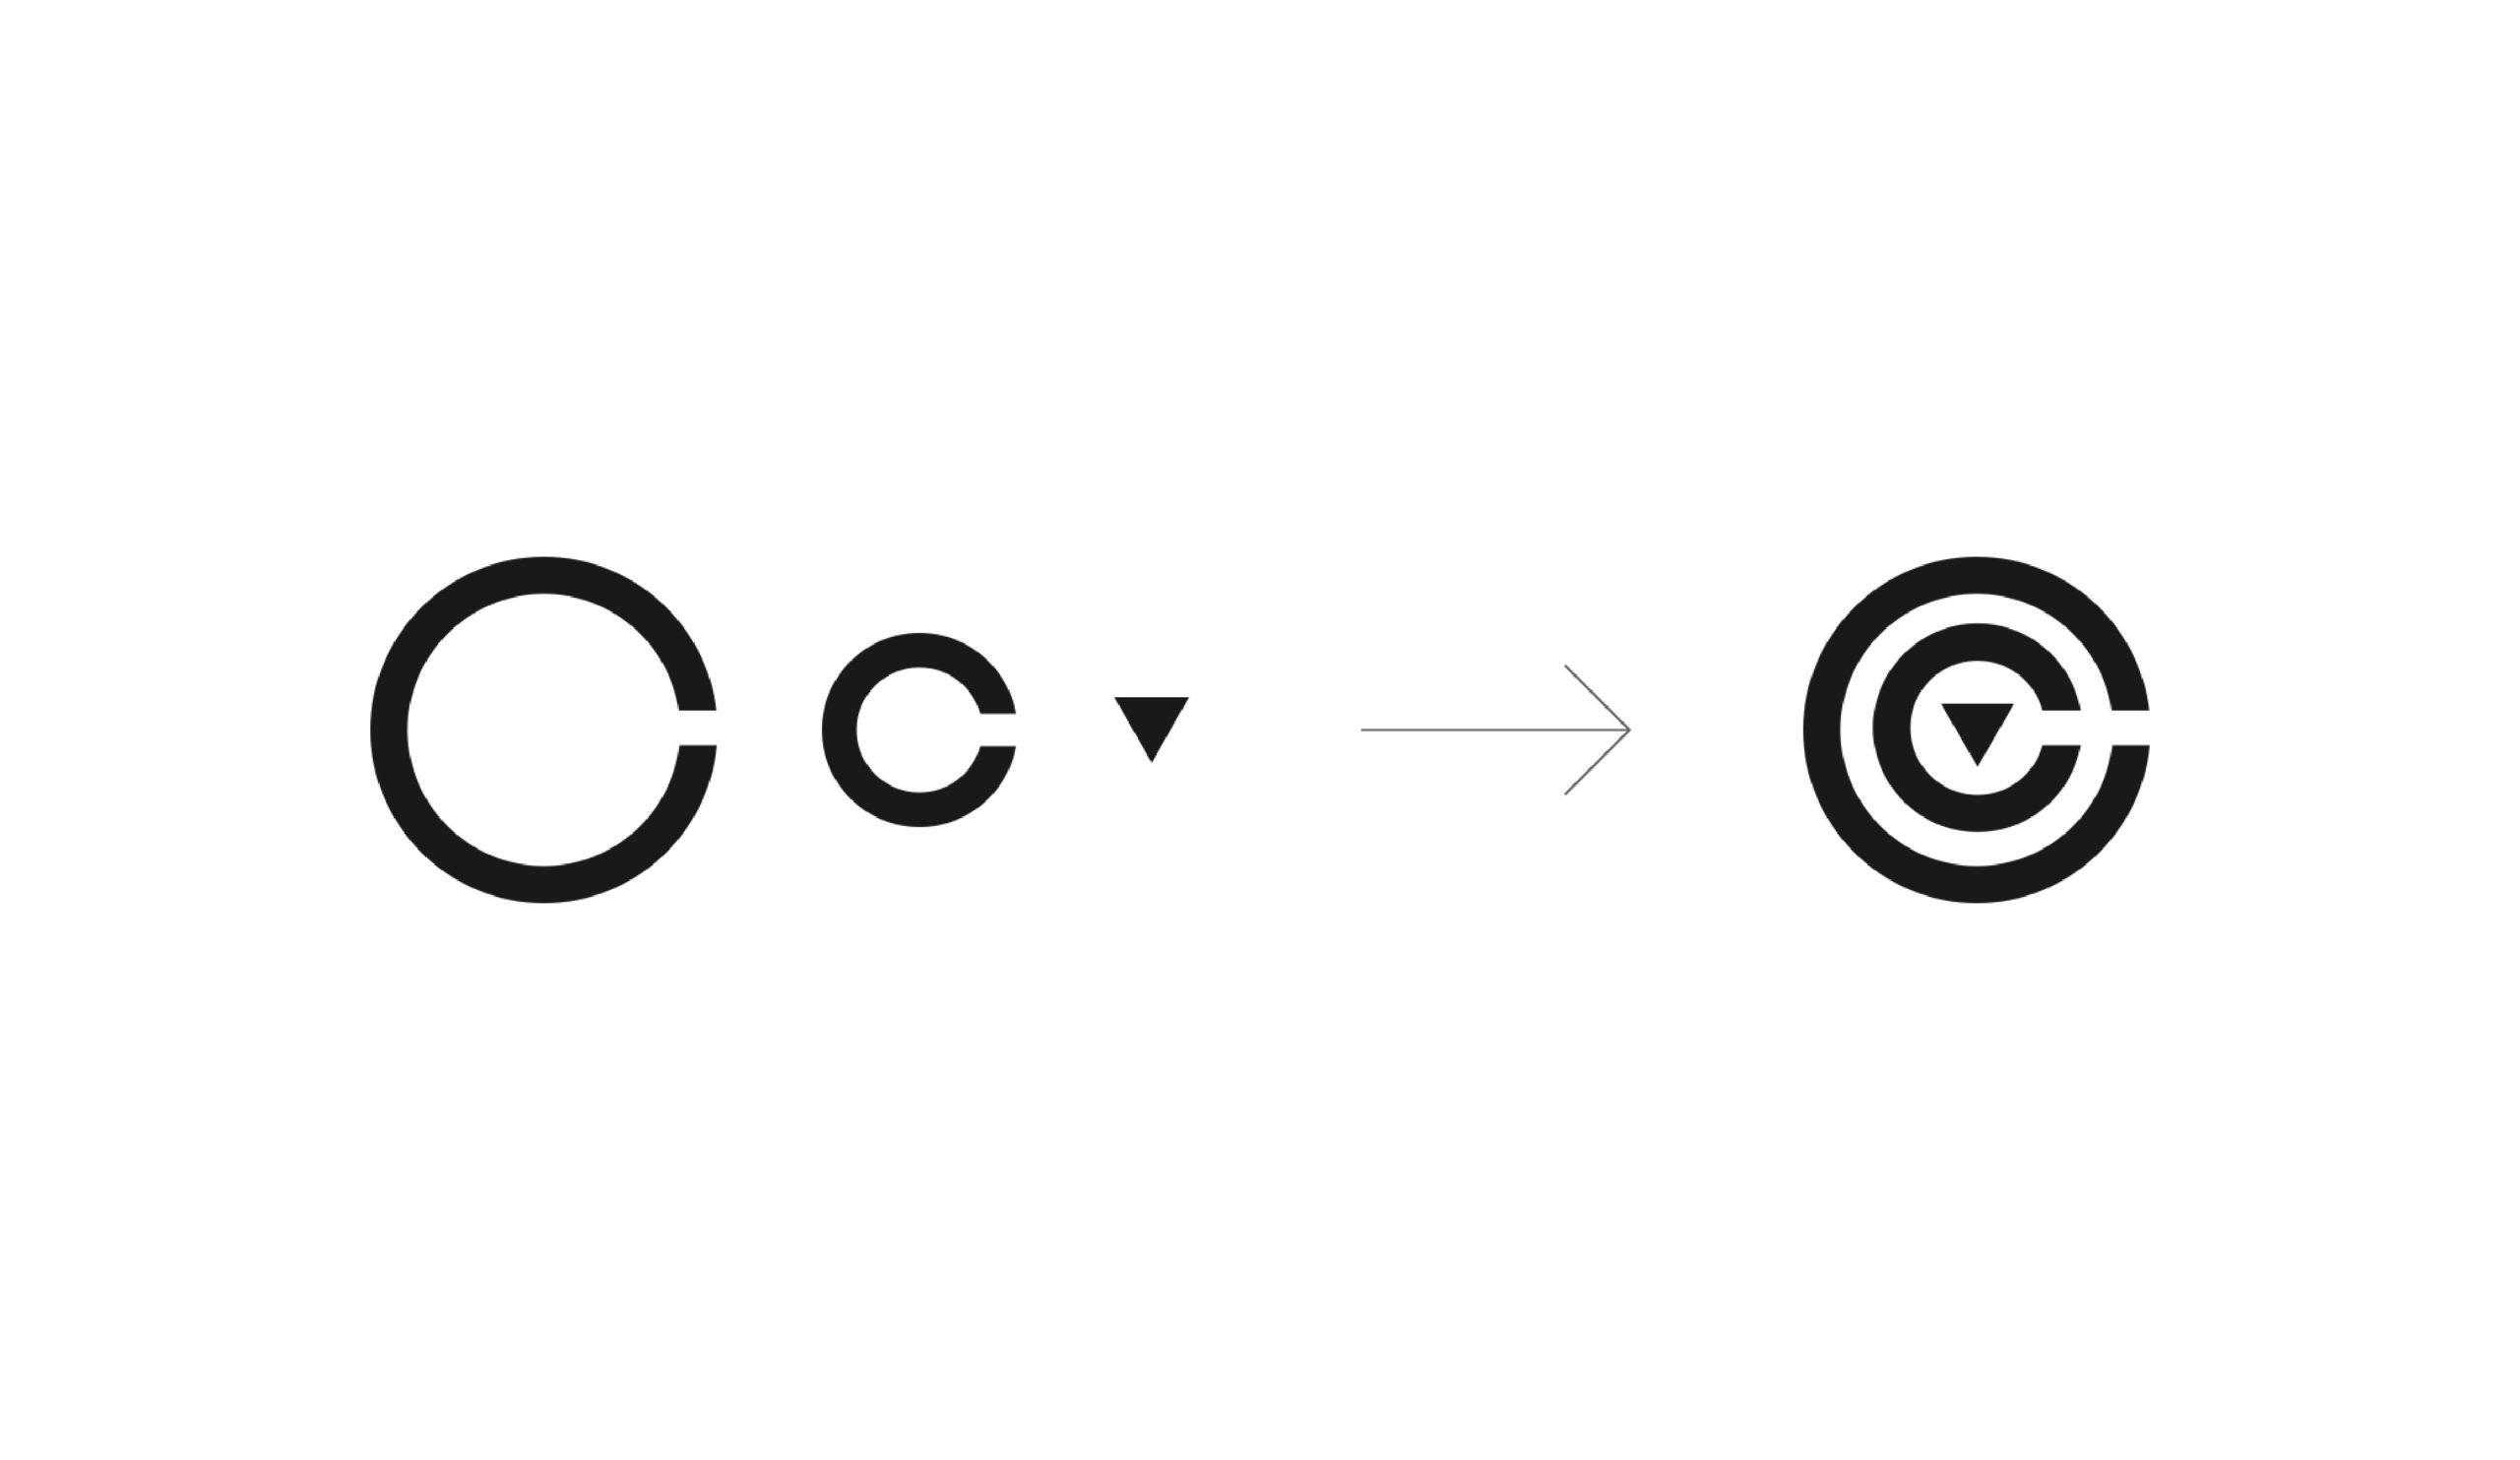 CCV_animace_02-23